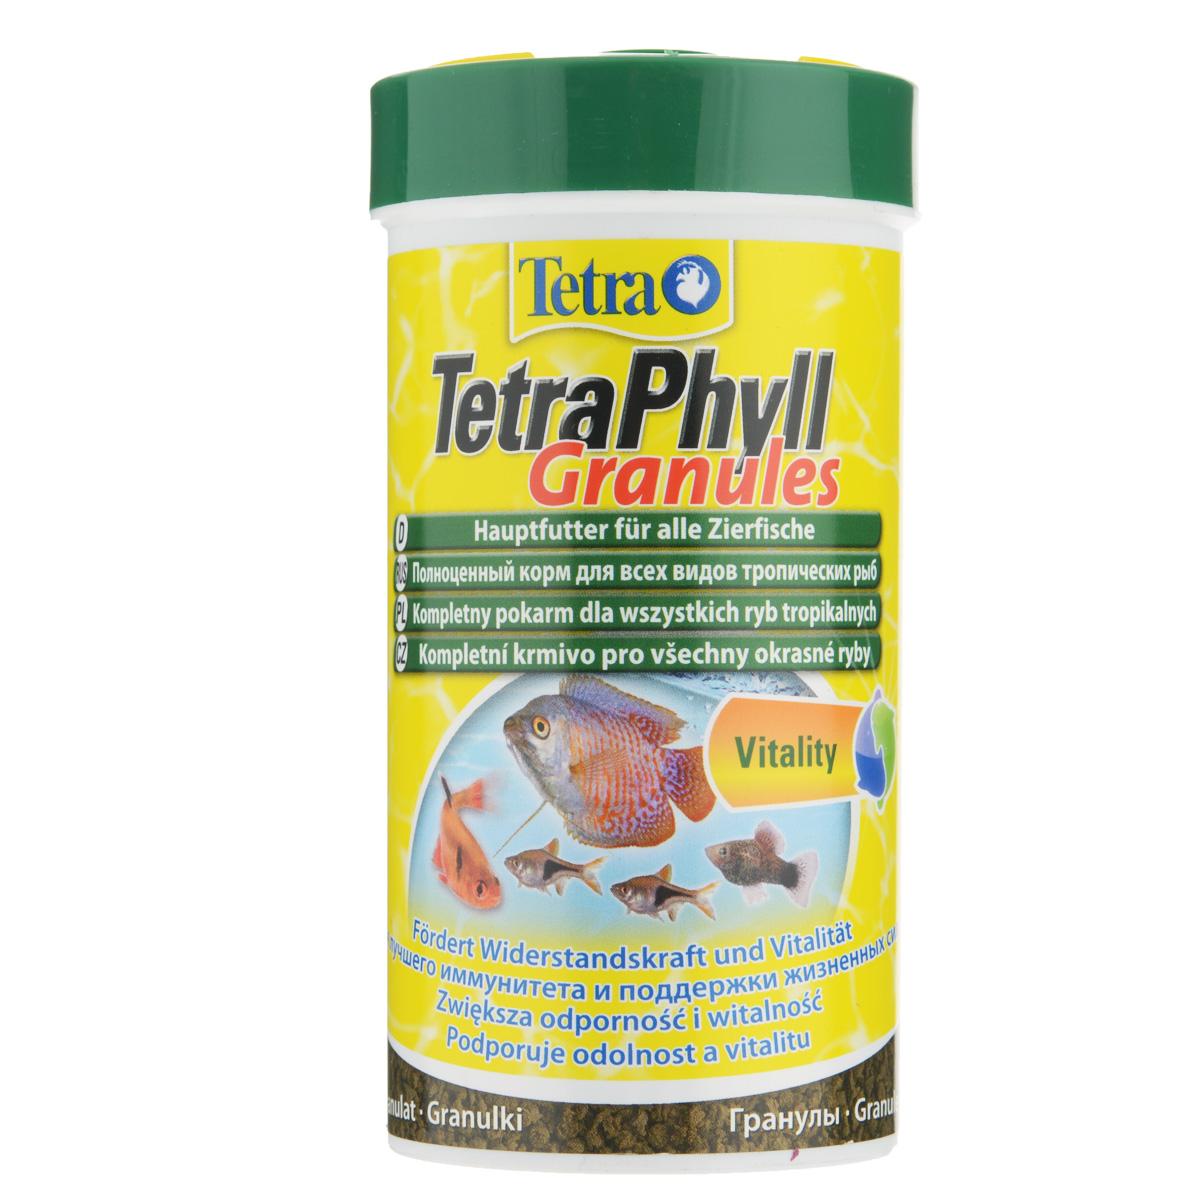 Корм сухой TetraPhyll Granules для всех видов аквариумных тропических рыб, в виде гранул, 250 мл139893Корм TetraPhyll Granules - это биологически сбалансированное питание для здоровых и ярких рыб. Превосходная смесь со специальным комплексом растительных ингредиентов обеспечивает полноценное питание рыб и подходит для ежедневного кормления. Особенности TetraPhyll Granules:высокое содержание растительных компонентов способствует улучшению здоровья и поддержанию жизненных сил любых видов тропических рыб,жизненно-необходимые волокна стимулируют пищеварение, что особенно необходимо травоядным рыбам. Рекомендации по кормлению: кормите несколько раз в день маленькими порциями. Характеристики: Состав: рыба и побочные рыбные продукты, экстракты растительного белка, зерновые культуры, растительные продукты, дрожжи, моллюски и раки, масла и жиры, водоросли, минеральные вещества.Пищевая ценность: сырой белок - 39%, сырые масла и жиры - 9%, сырая клетчатка - 7%, влага - 8%.Добавки: витамины, провитамины и химические вещества с аналогичным воздействием: витамин А 29070 МЕ/кг, витамин Д3 1820 МЕ/кг. Комбинации элементов: Е5 Марганец 64 мг/кг, Е6 Цинк 38 мг/кг, Е1 Железо 25 мг/кг. Красители, консерванты, антиоксиданты. Вес: 250 мл (90 г).